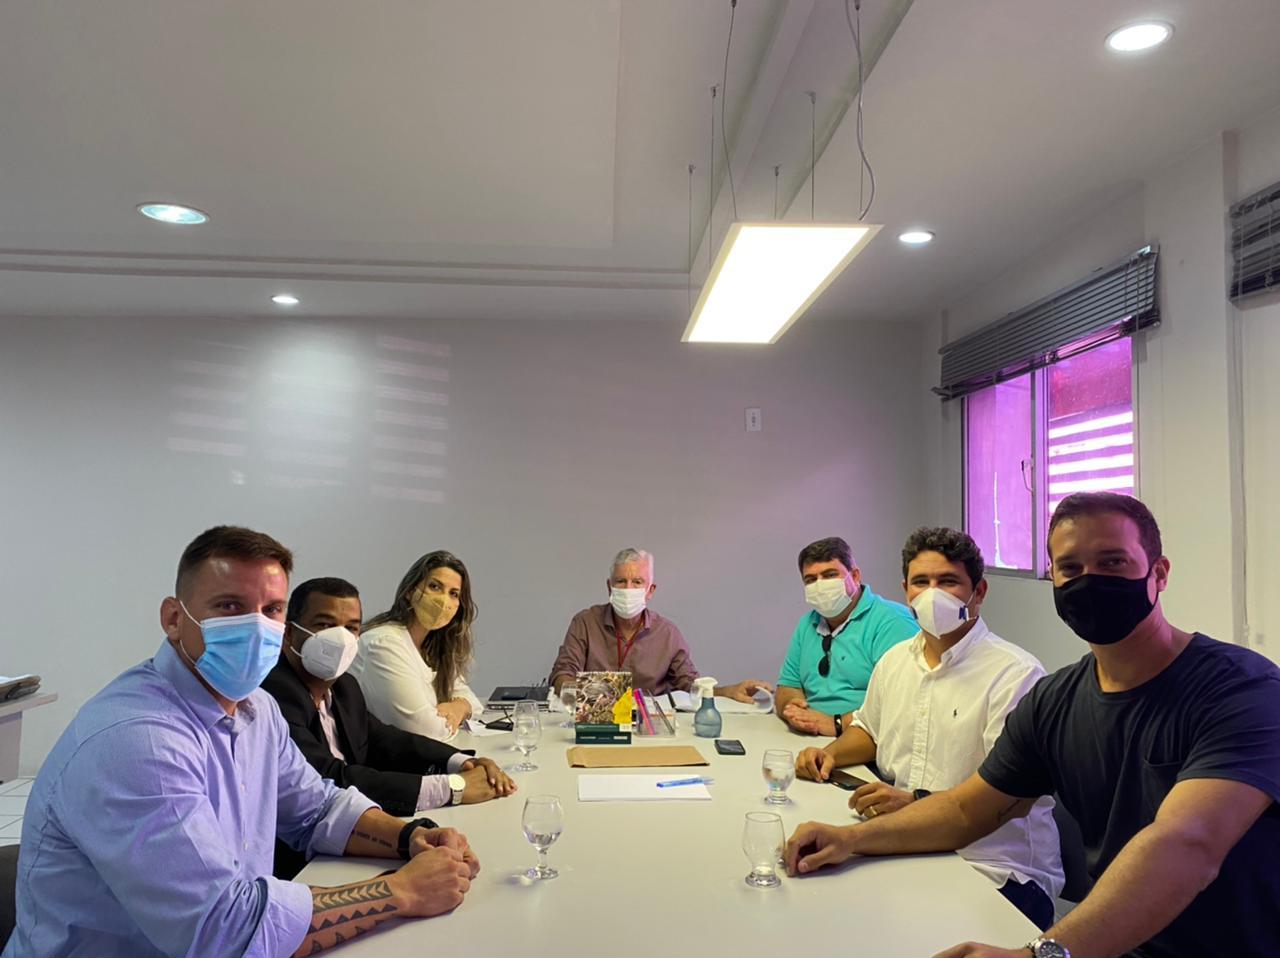 veradores pmjp - Vereadores de João Pessoa ampliam discussão sobre investimentos em infraestrutura e saúde